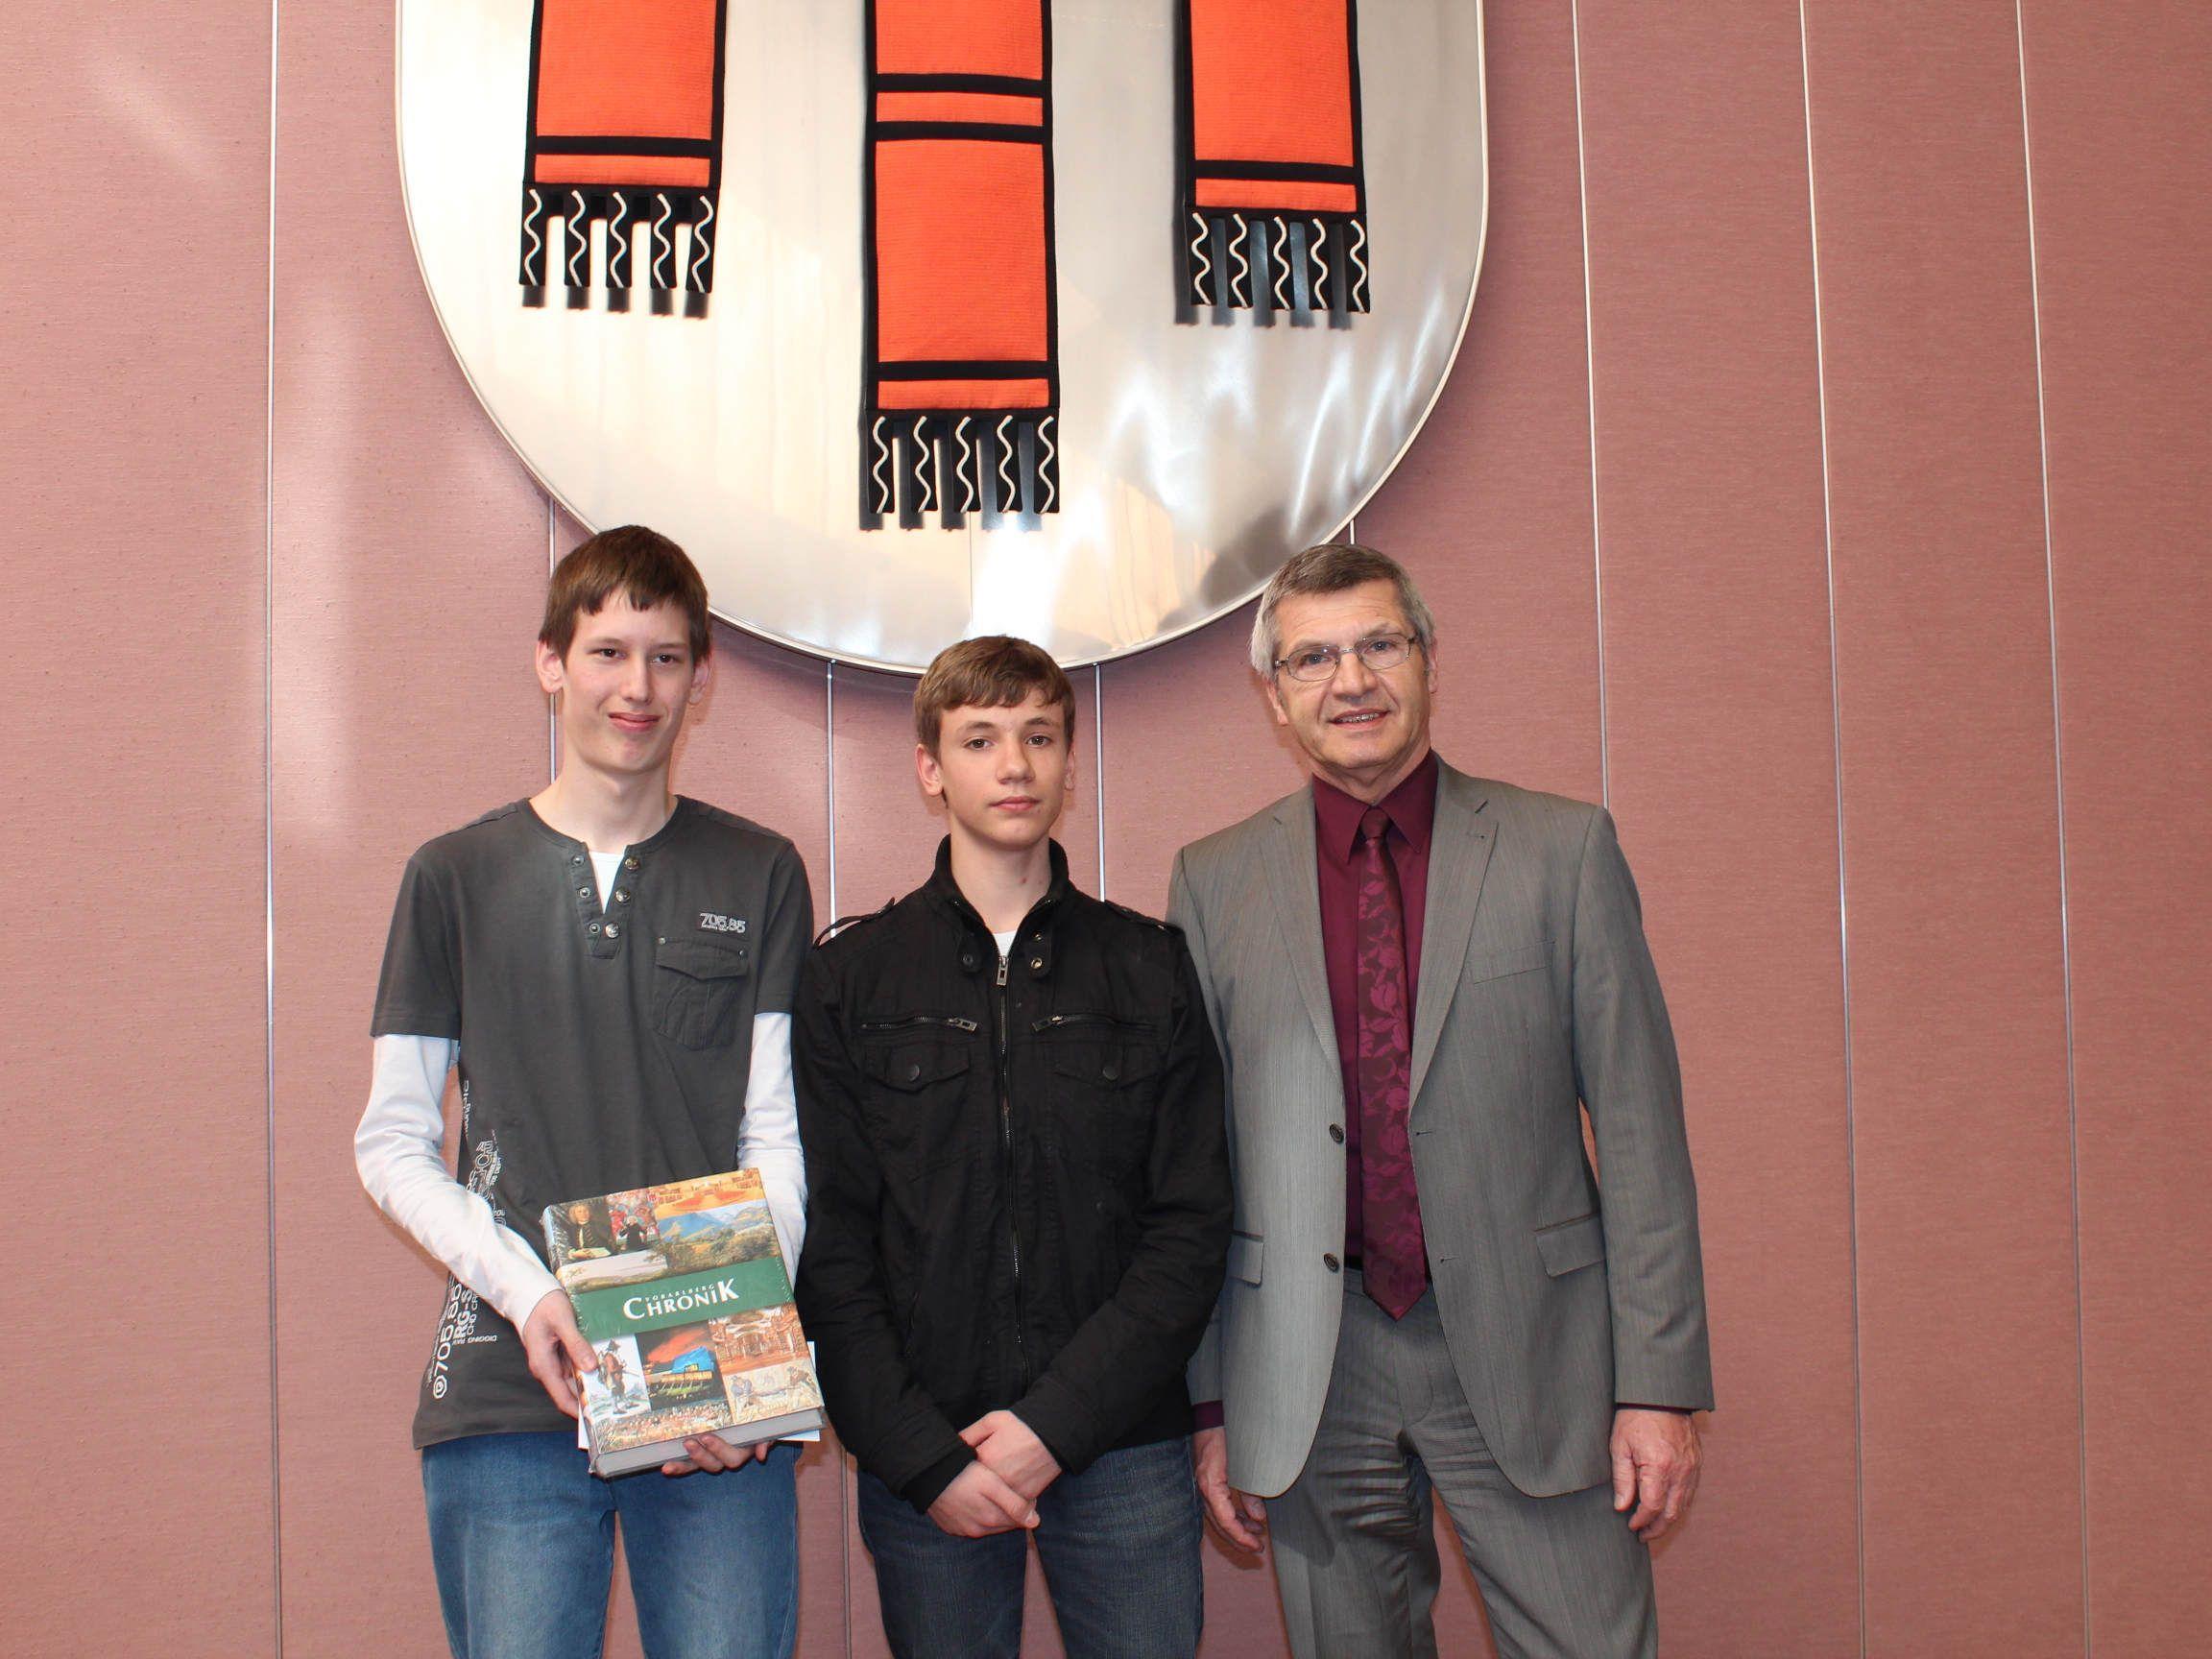 Landessieger Lukas Muxel, der Zweitplatzierte David Meusburger und LR Siegi Stemer.